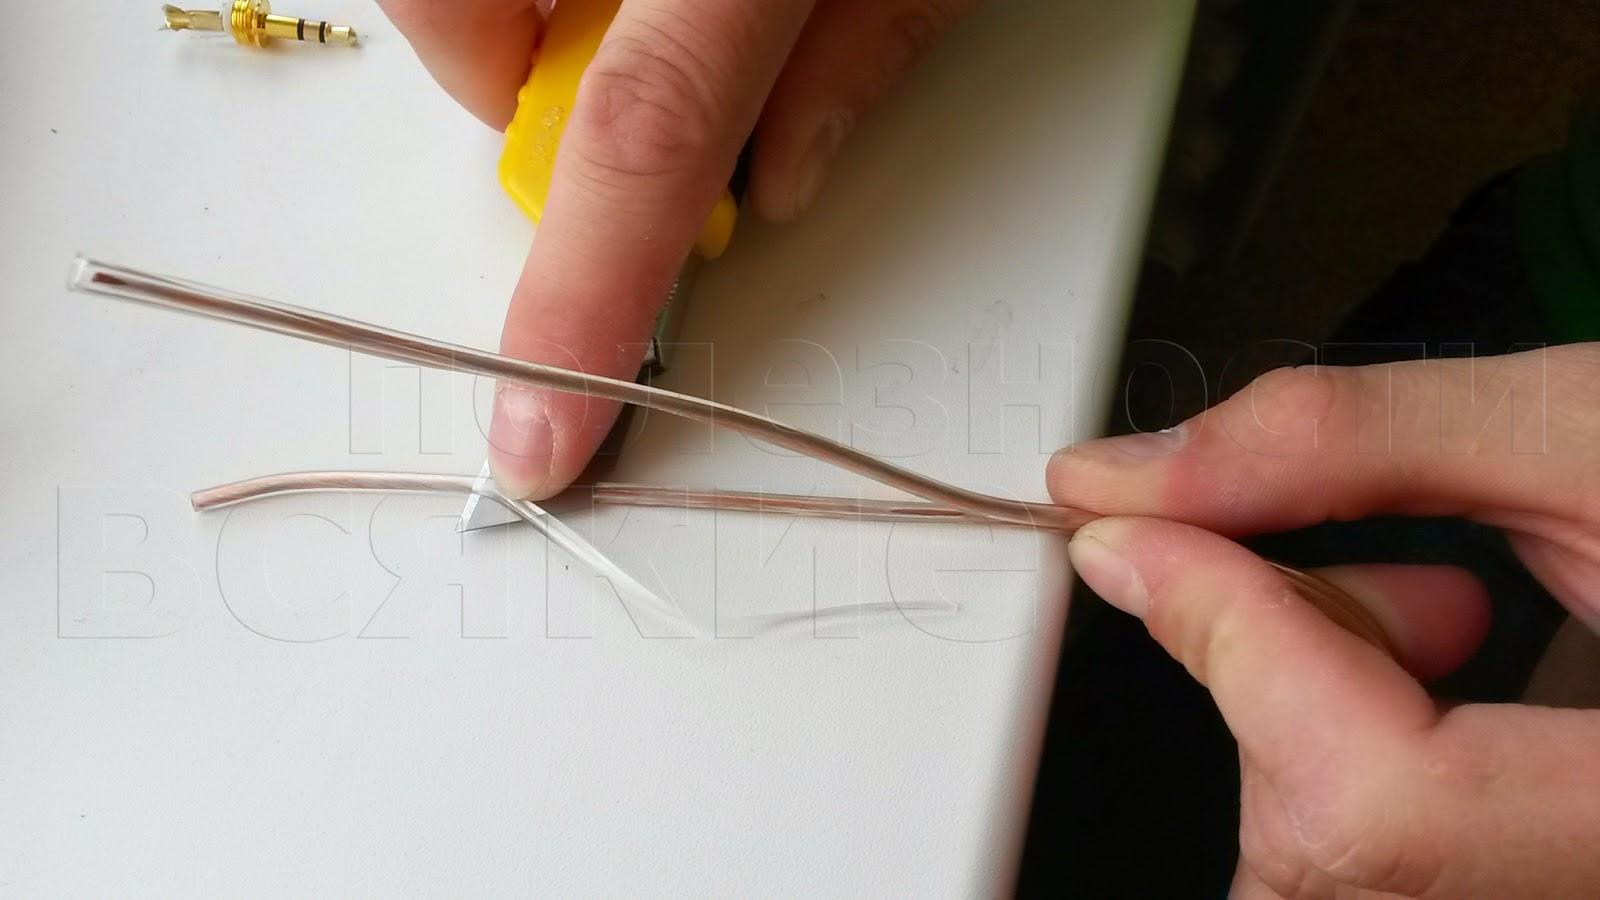 Срезаем немного силиконовой оболочки с кабеля ШГЭС 2, чтобы пружинка штекера залезла на кабель